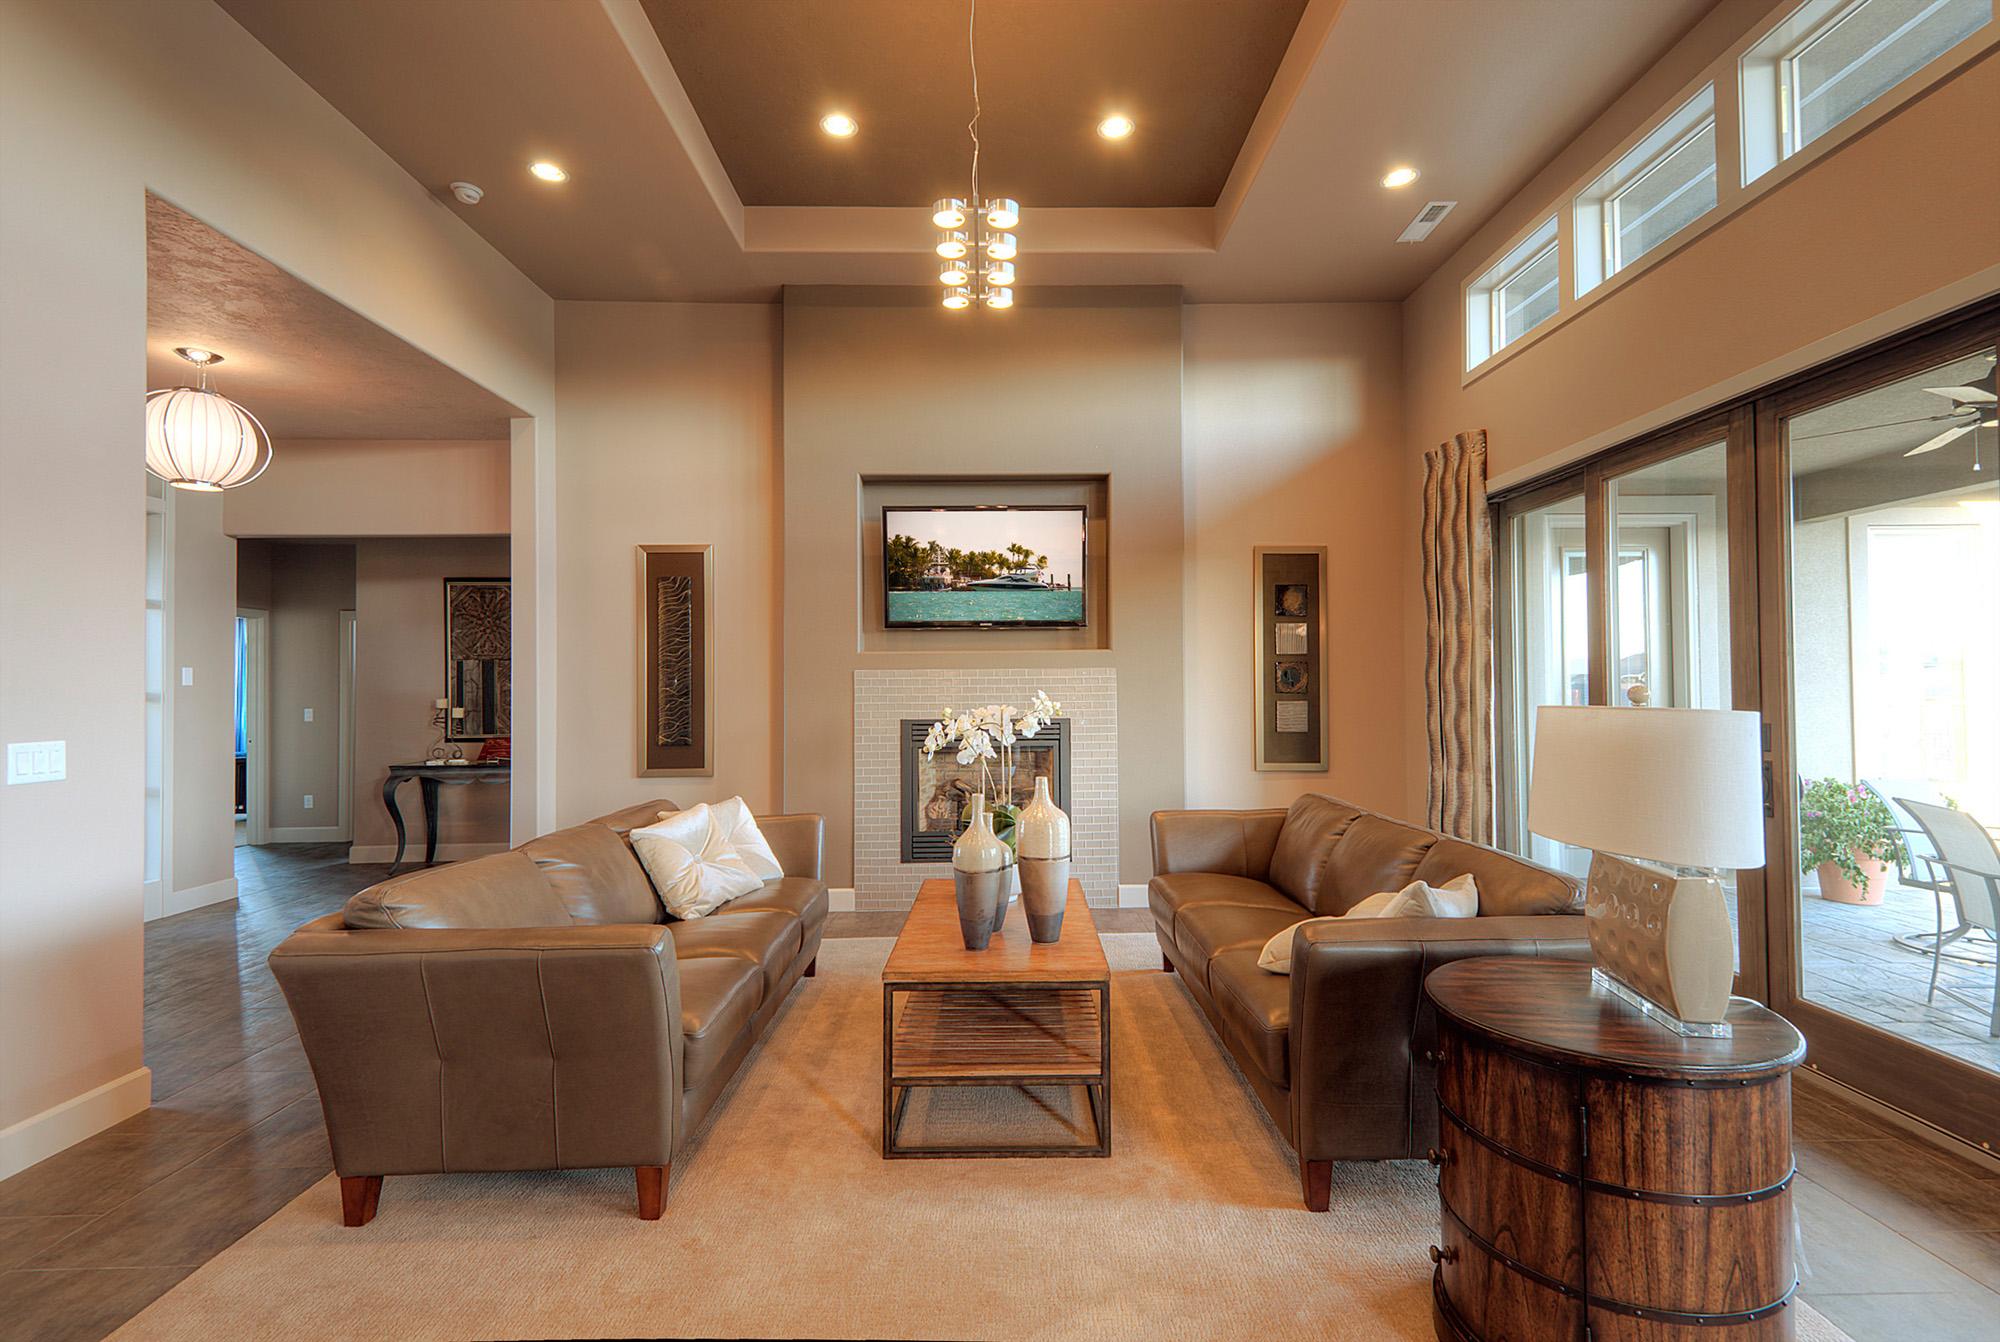 Двухуровневый потолок из гипсокартона в гостиной в коричневых тонах